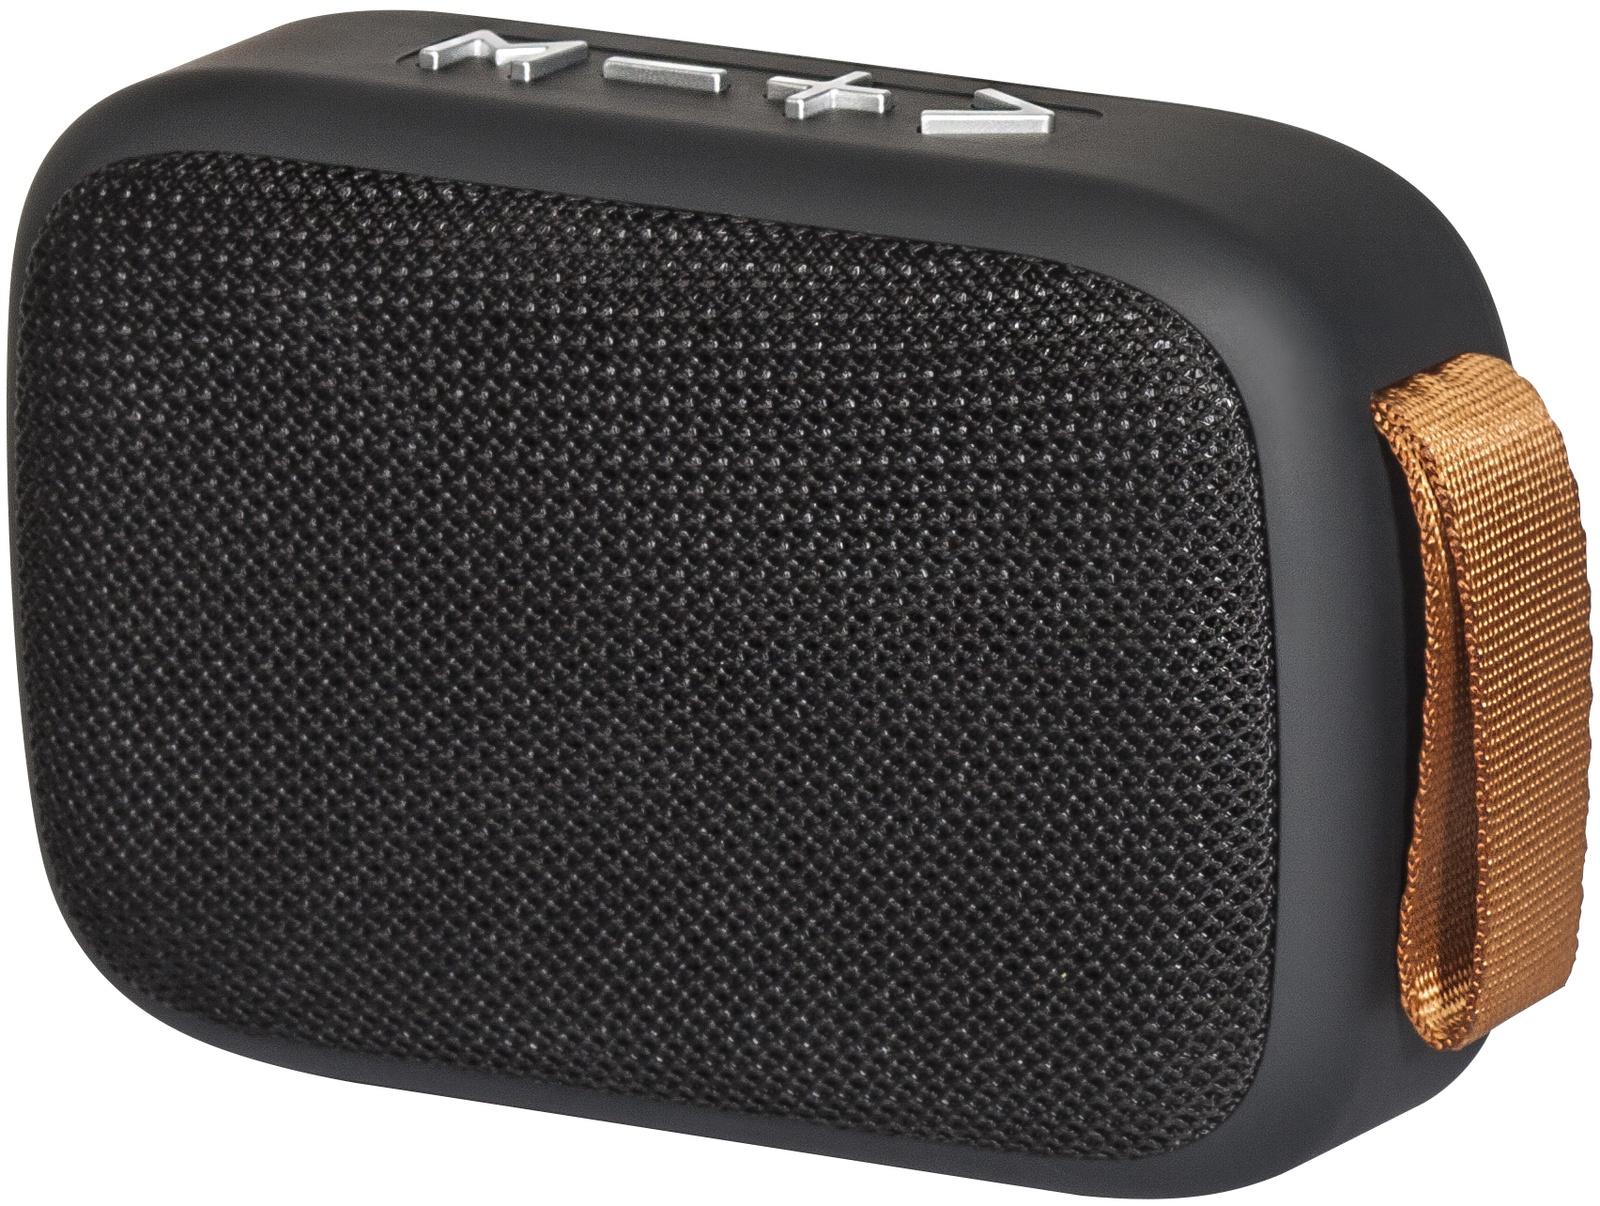 Беспроводная колонка Defender Enjoy S300 Bluetooth, черный портативная колонка defender enjoy m800 черная